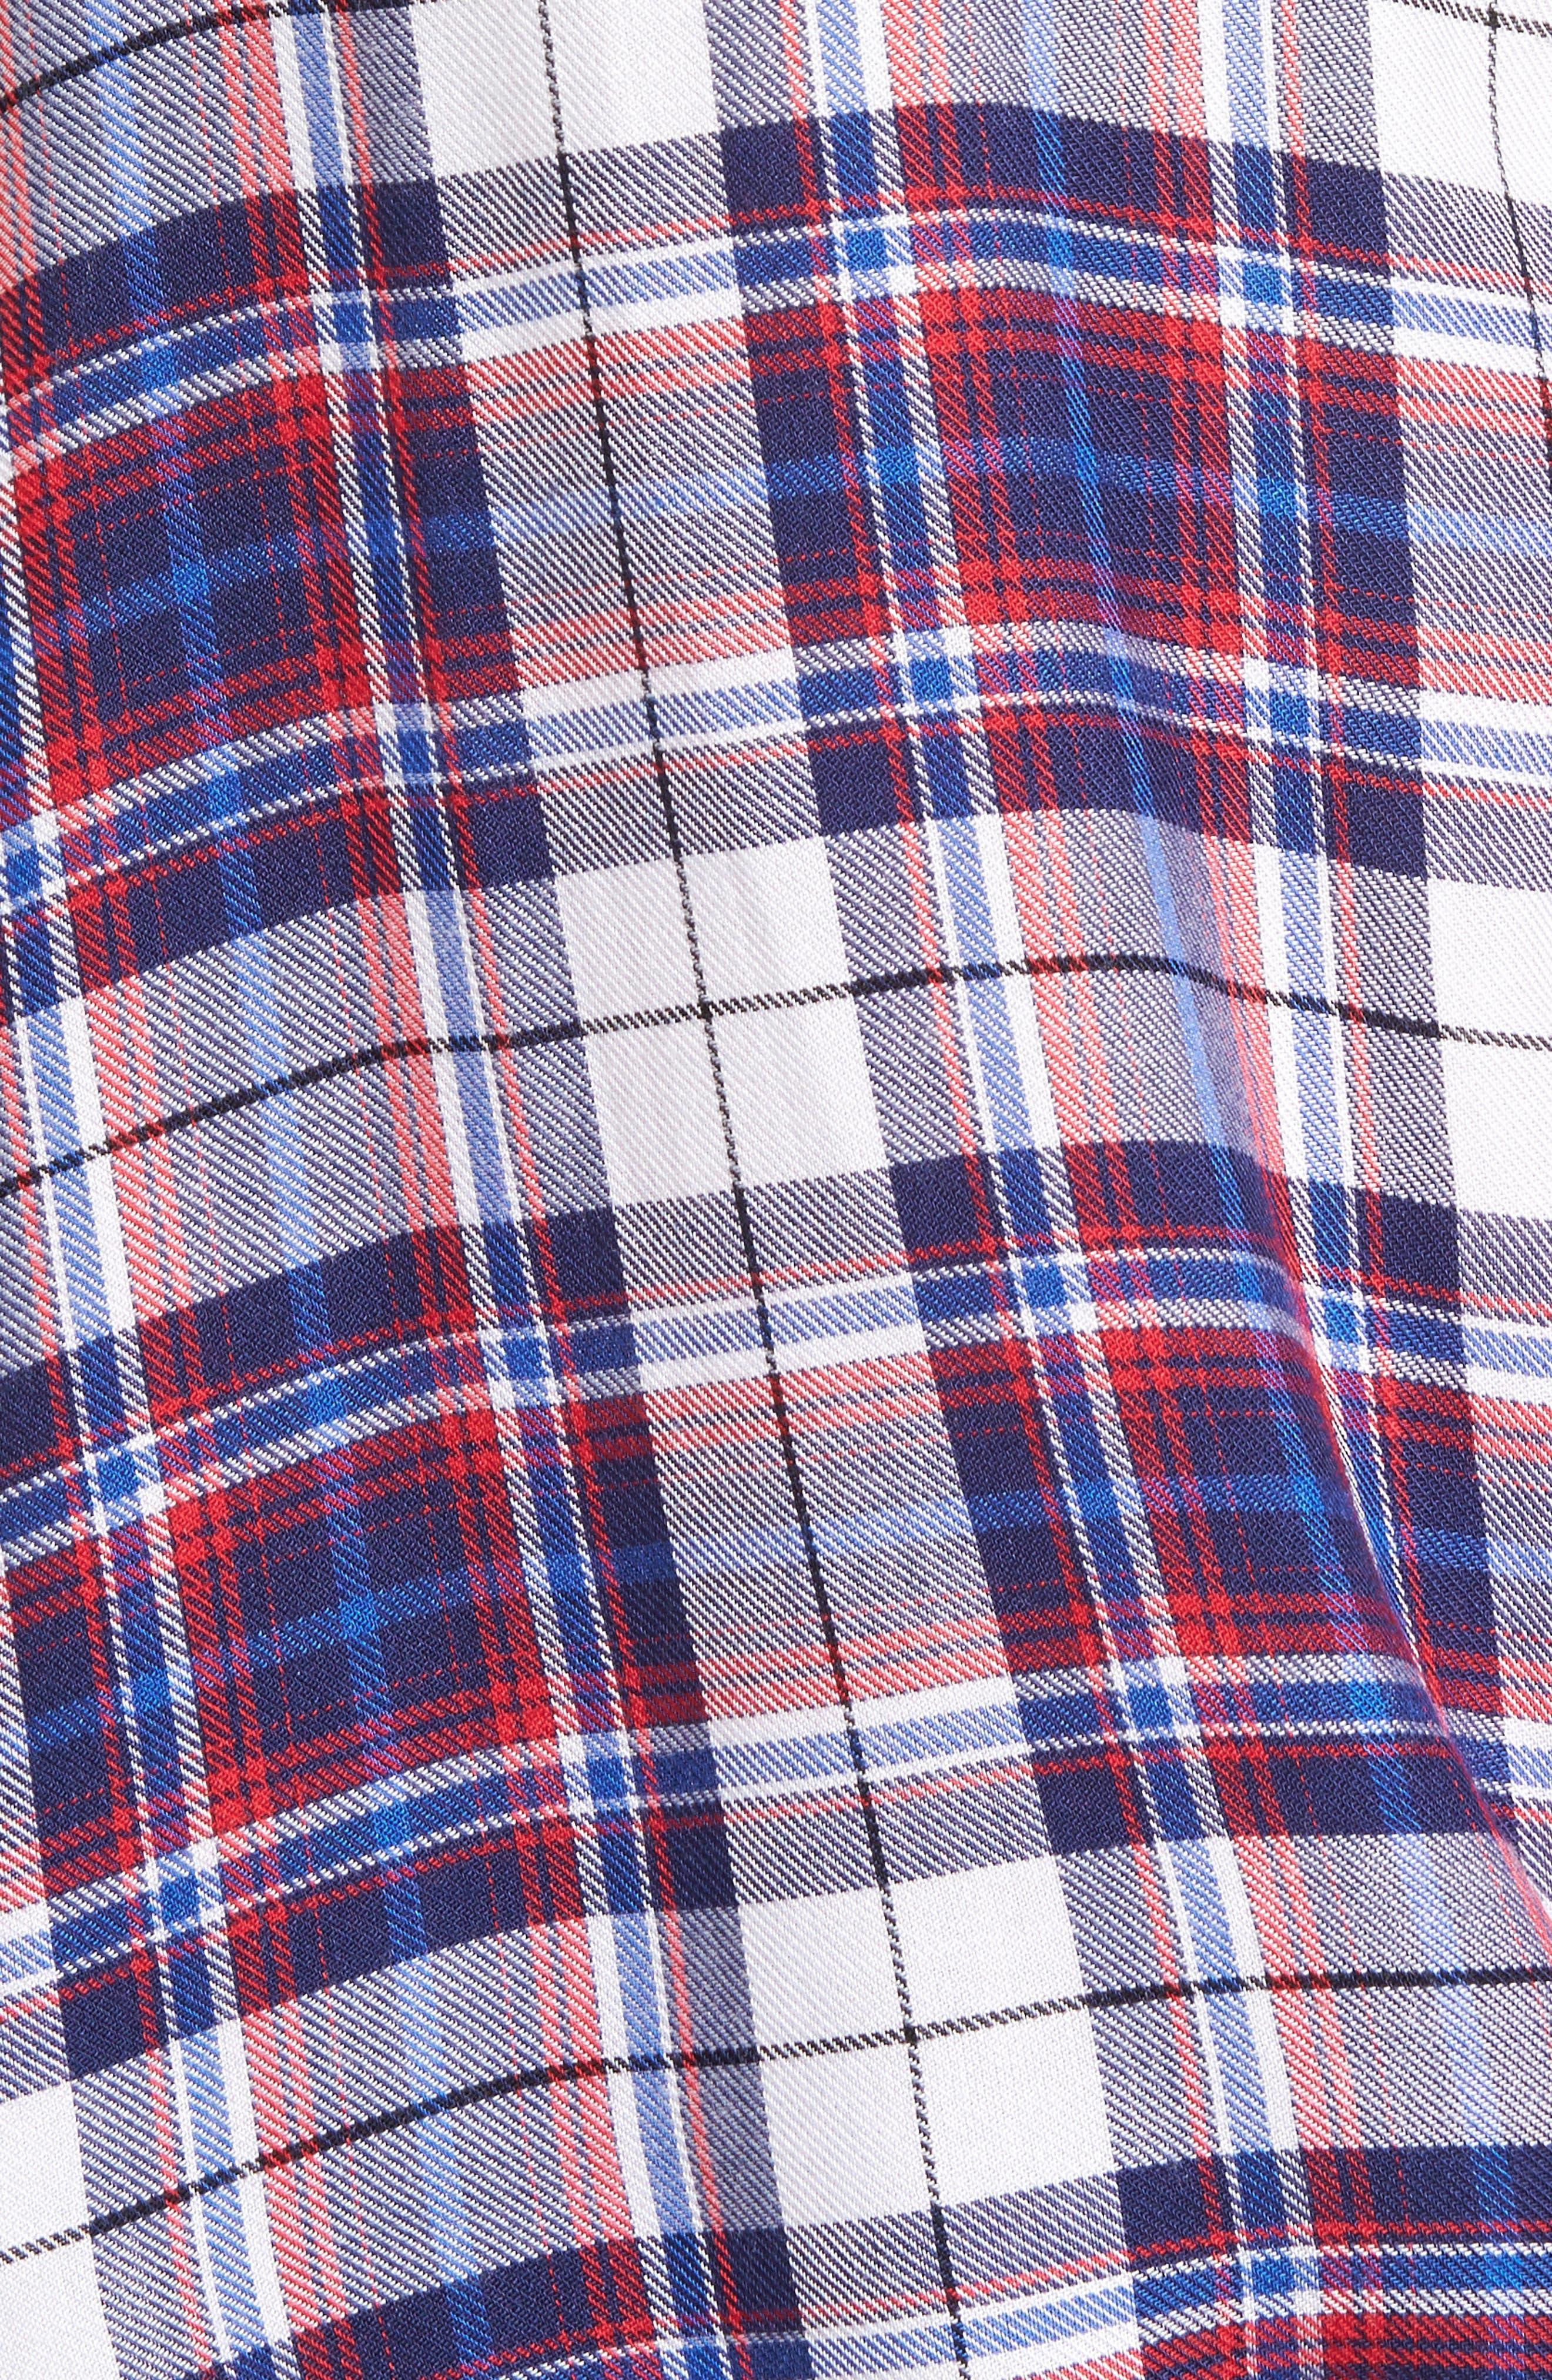 Tie Front Plaid Shirt,                             Alternate thumbnail 5, color,                             Burgundy/ Black Plaid